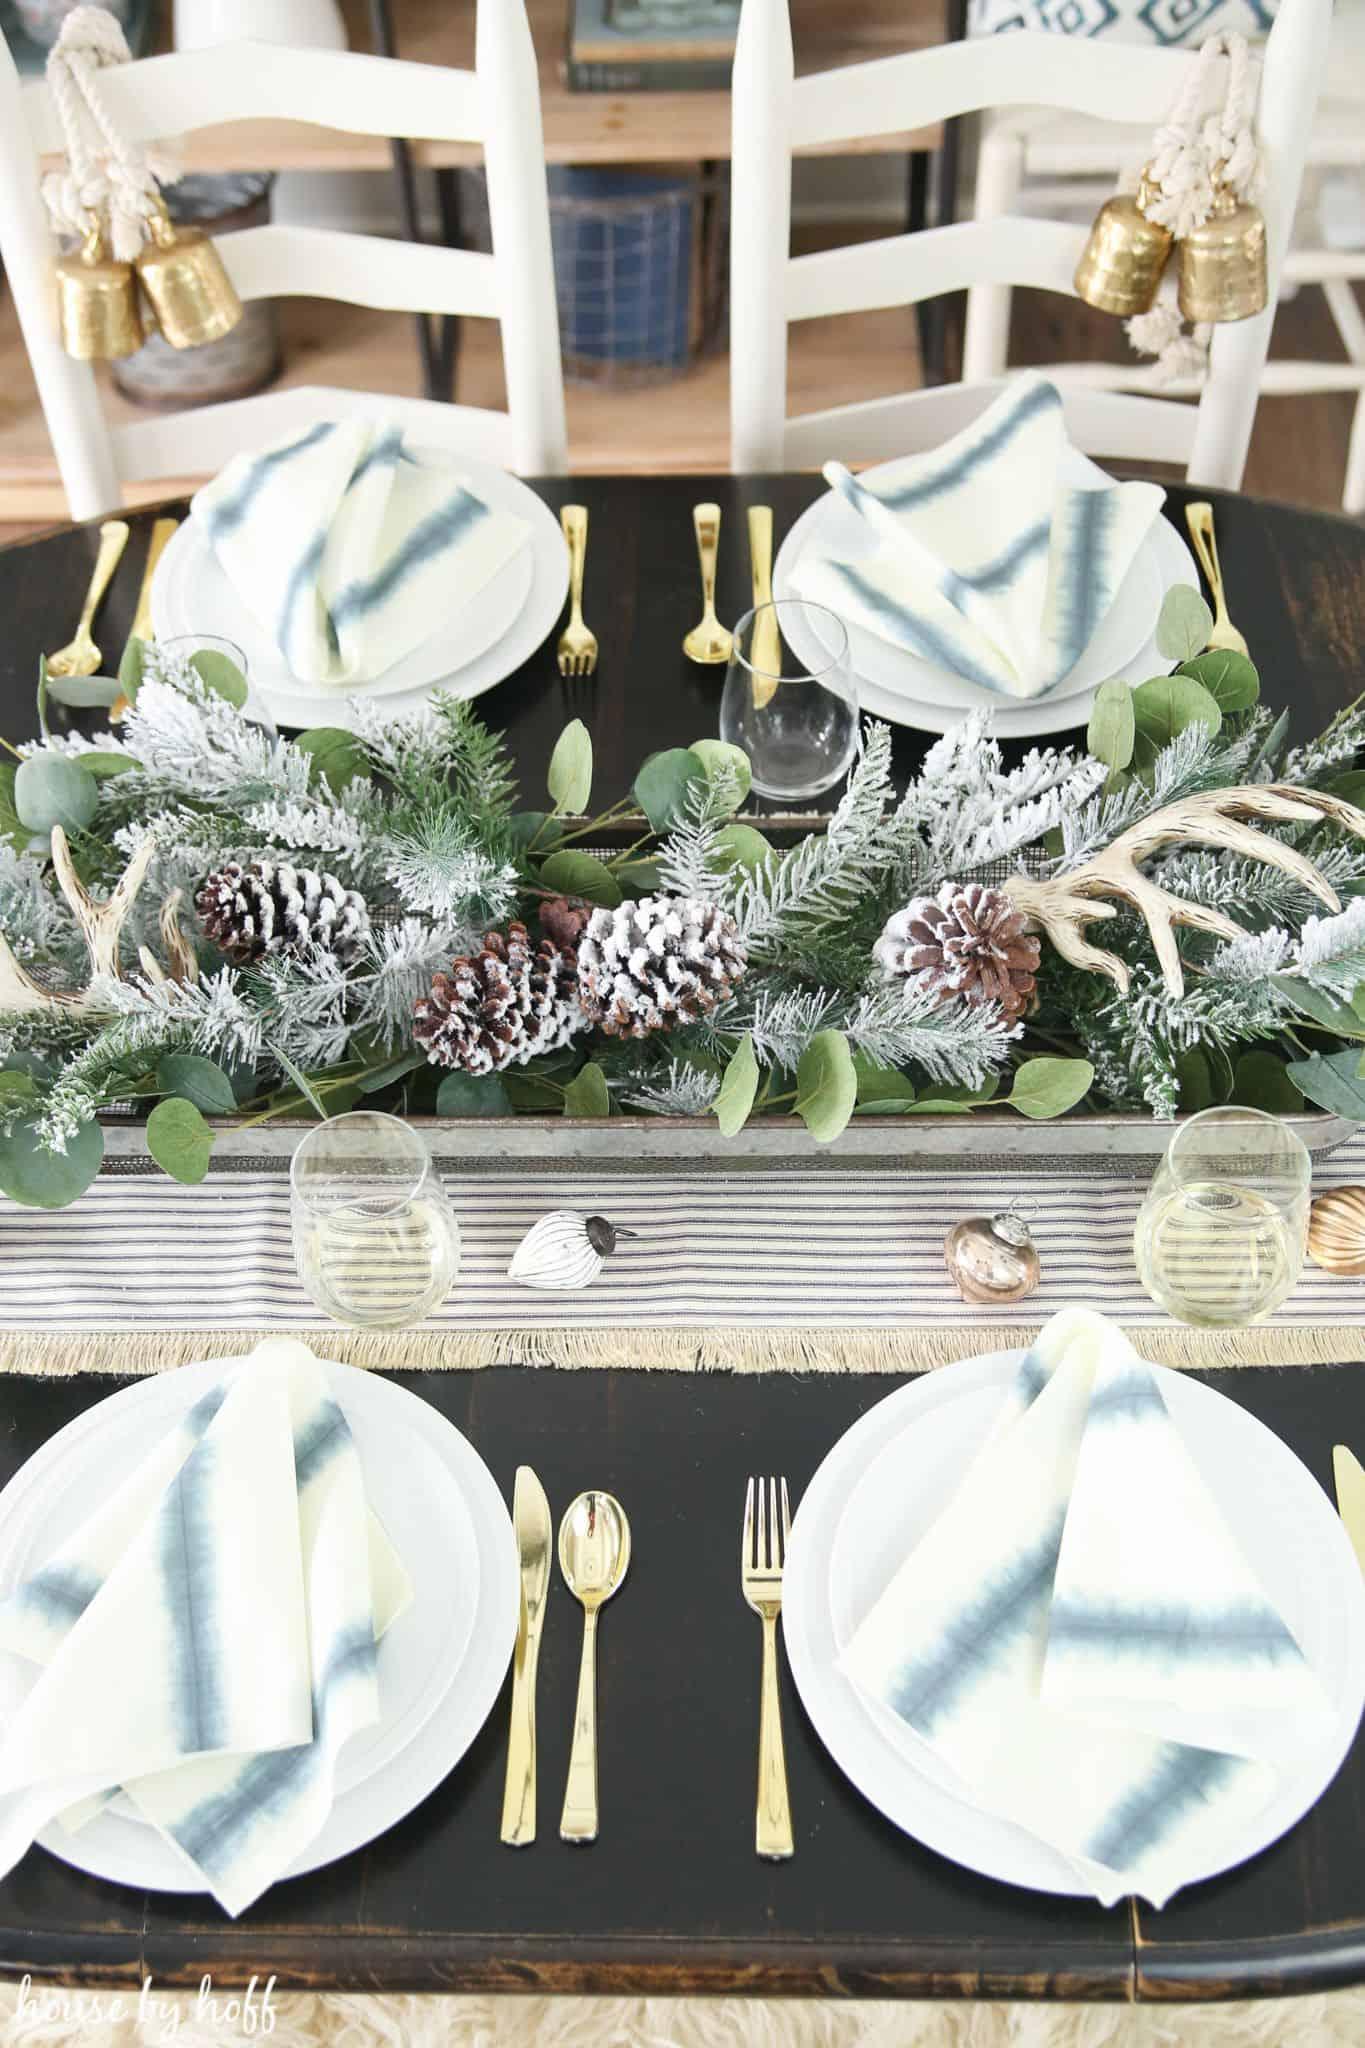 greenery in dinin table